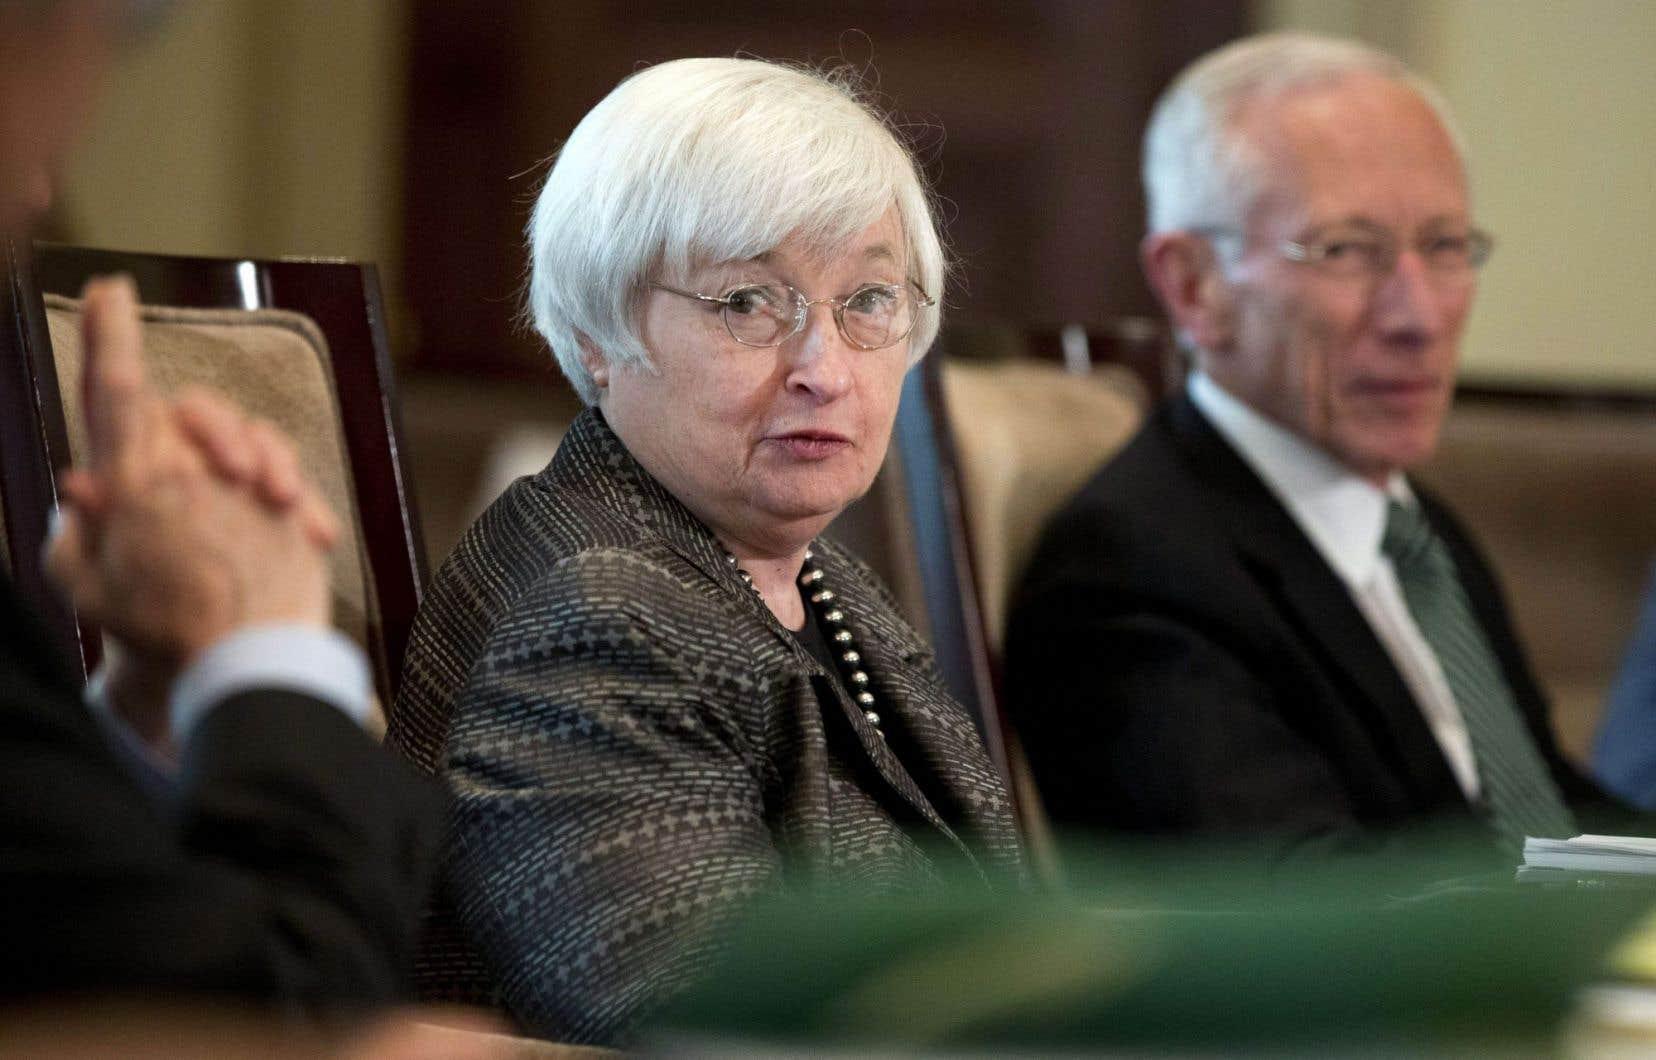 La présidente de la Réserve fédérale américaine, Janet Yellen, a délégué son second, Stanley Fisher, à la conférence monétaire de Jackson Hole.